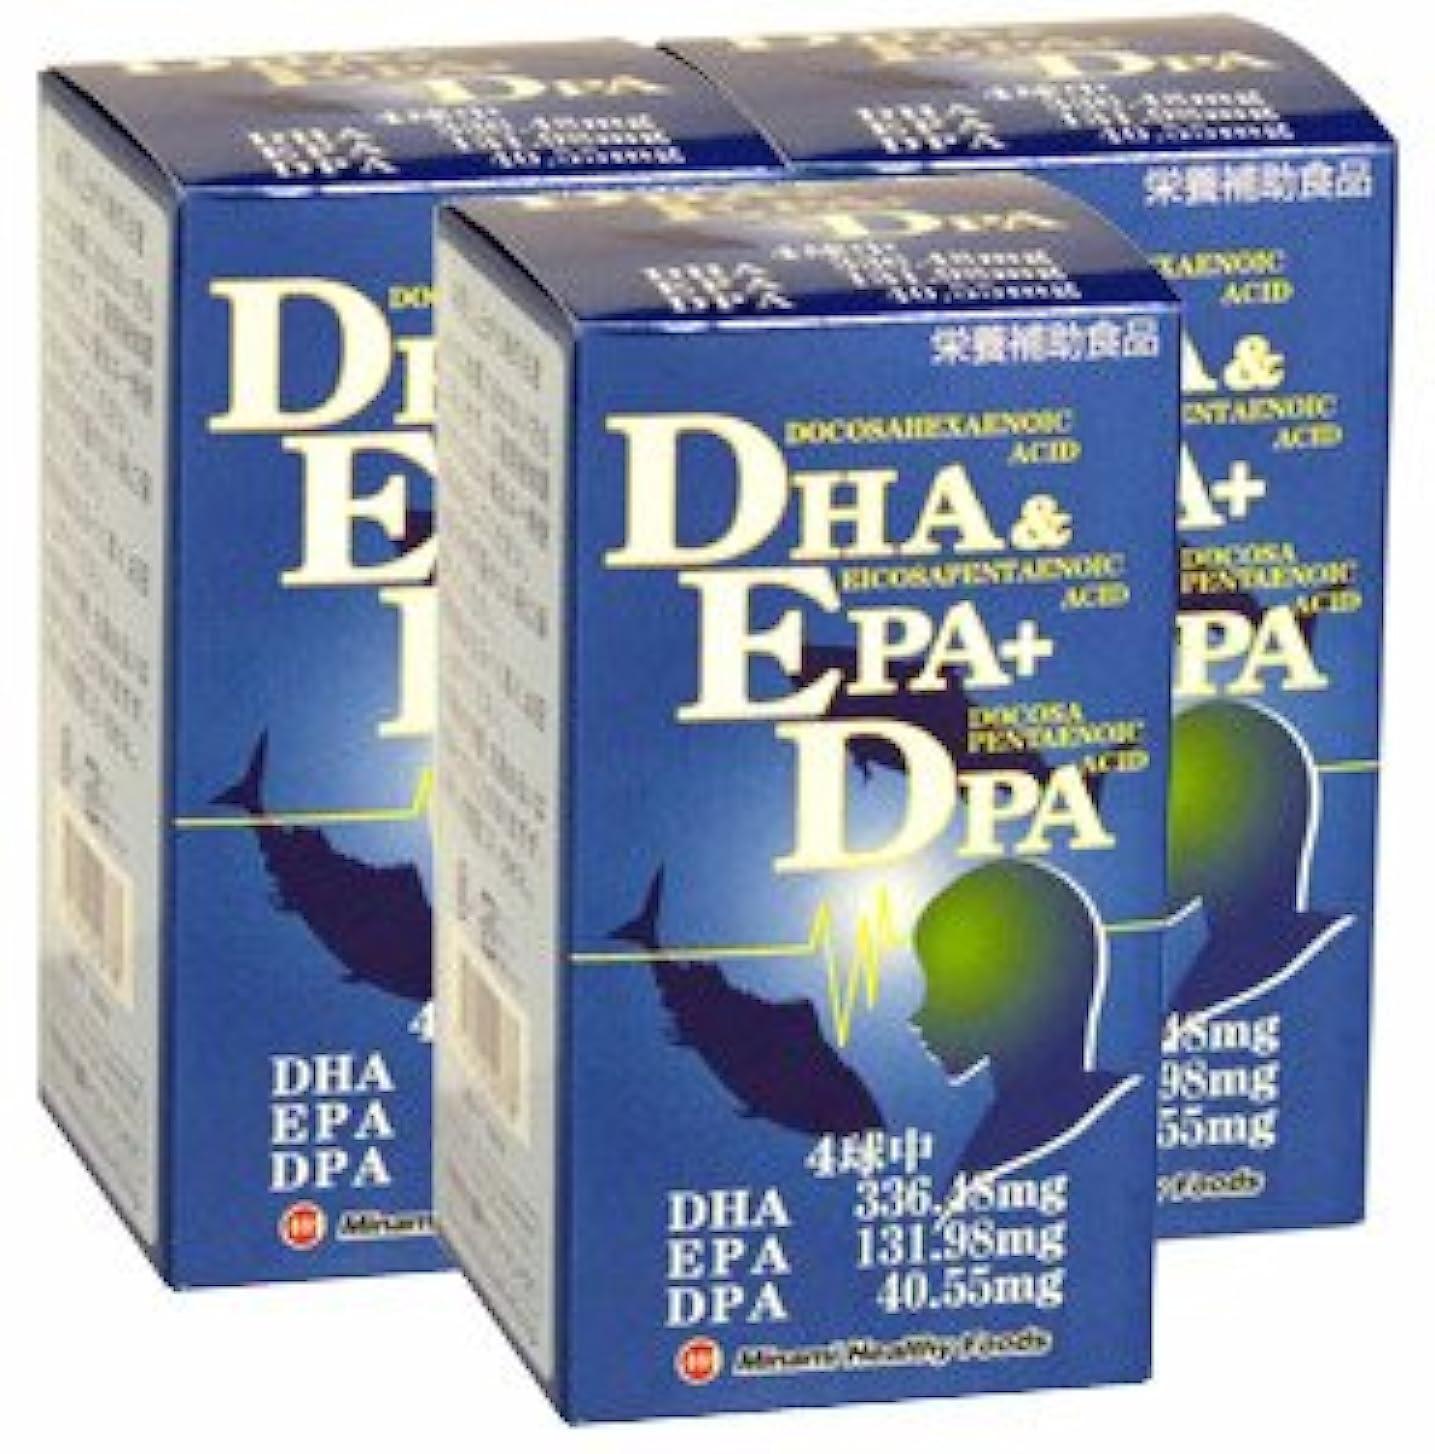 消化小川一生DHA&EPA+DPA【3本セット】ミナミヘルシーフーズ